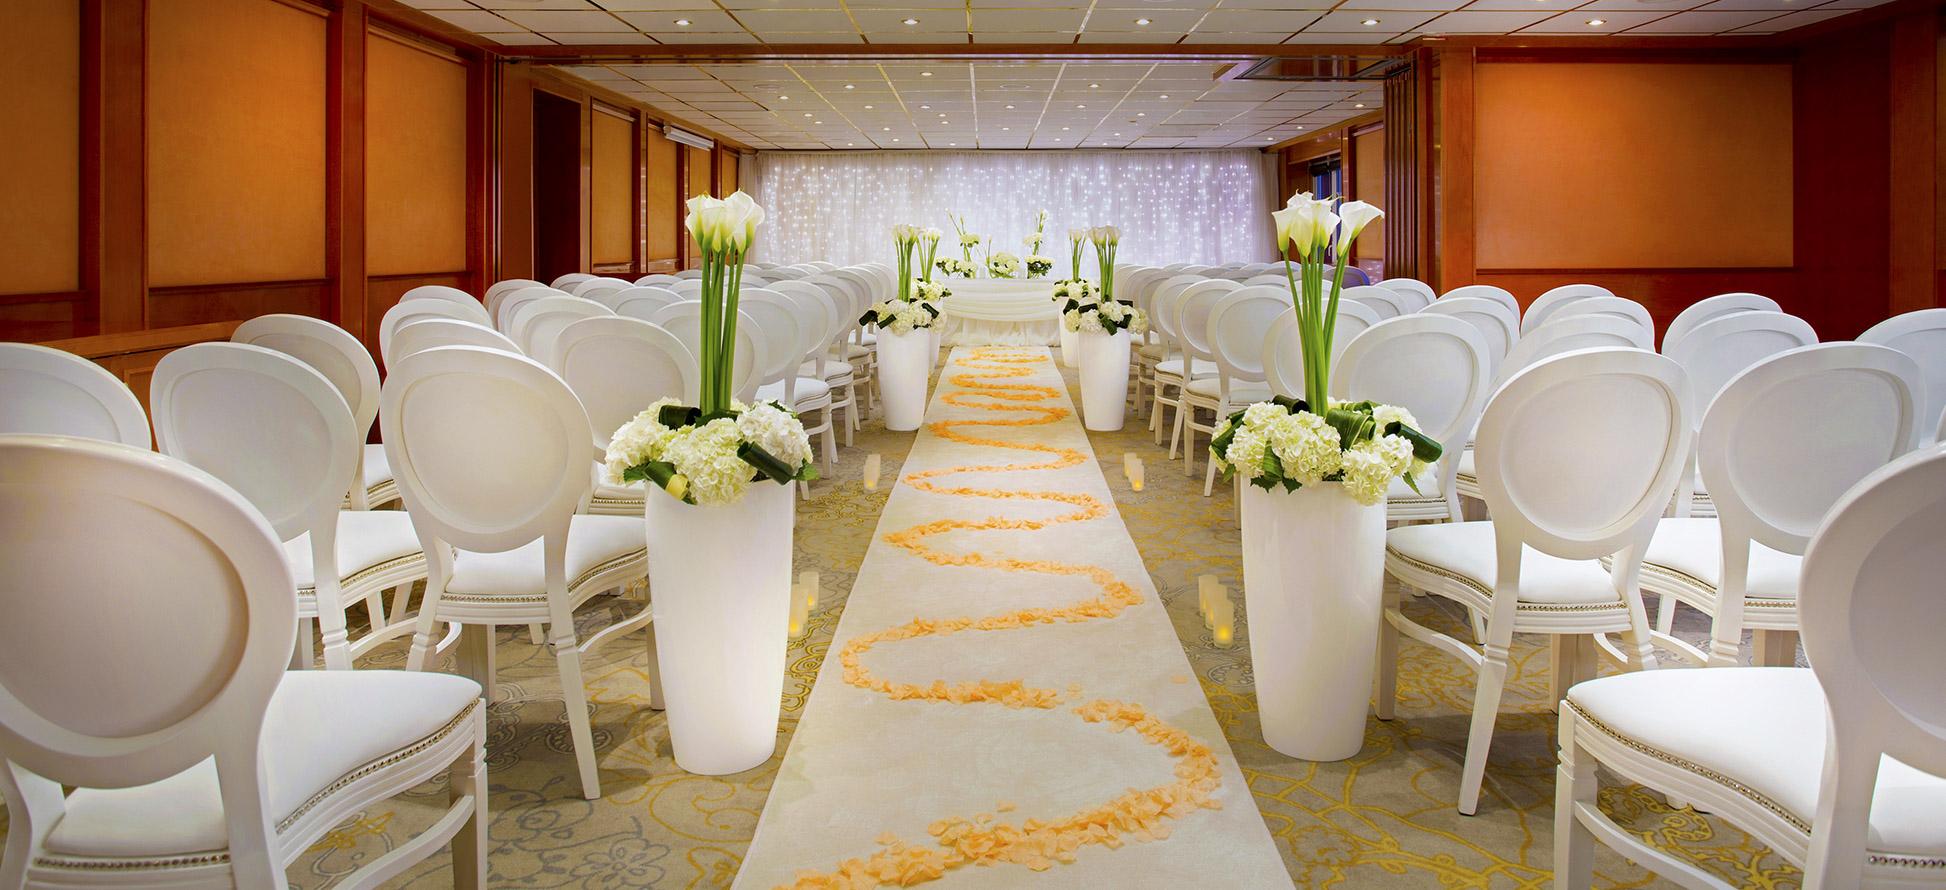 docklands wedding venue